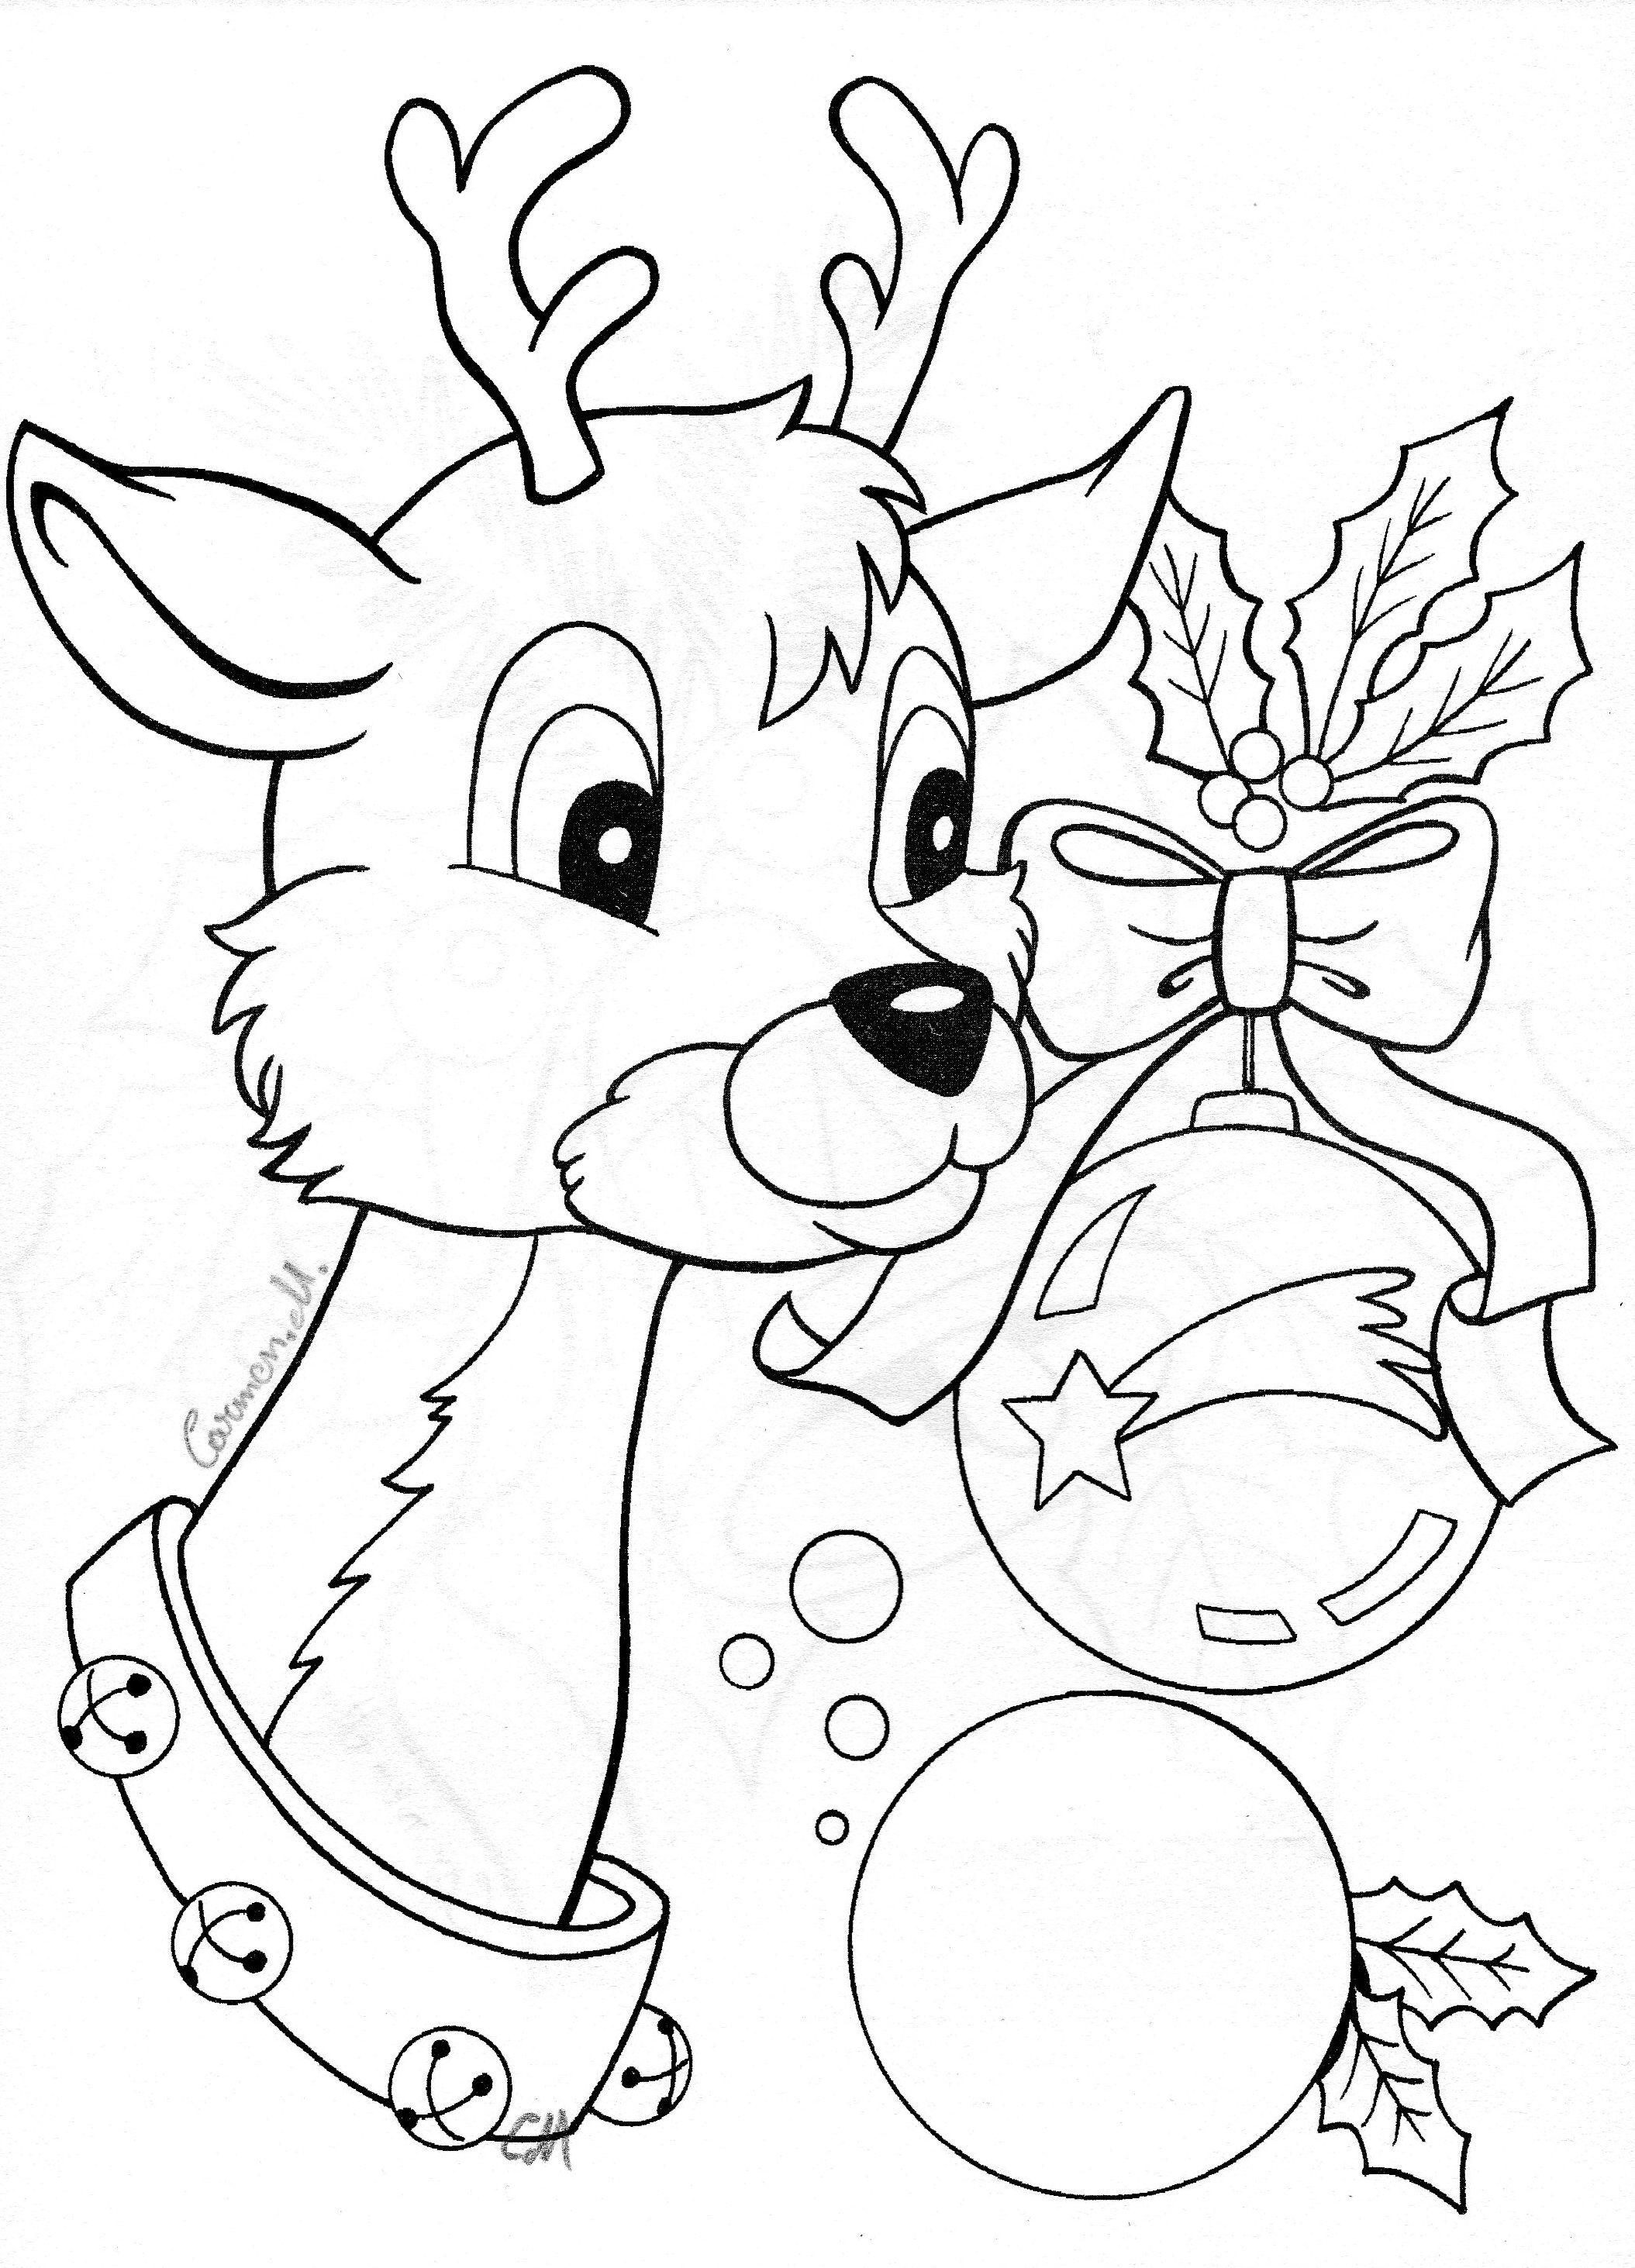 Reindeer (mit Bildern)  Weihnachtsmalvorlagen, Weihnachtsfarben